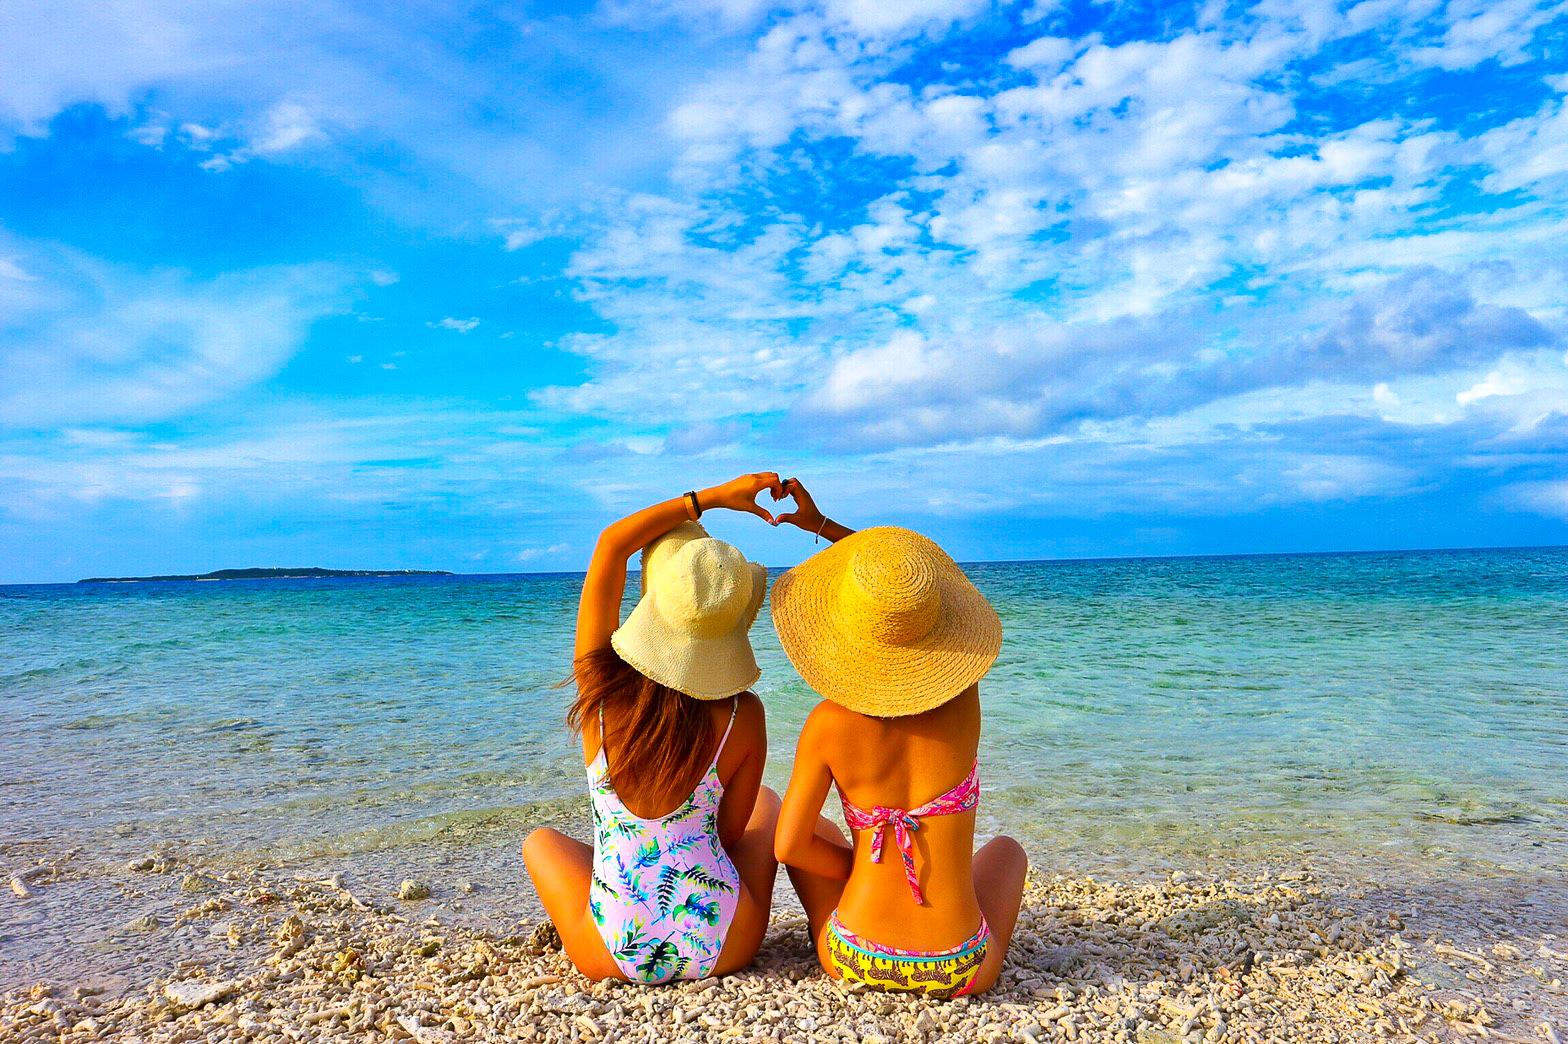 西表島の絶景離島でポーズをとる女性2人